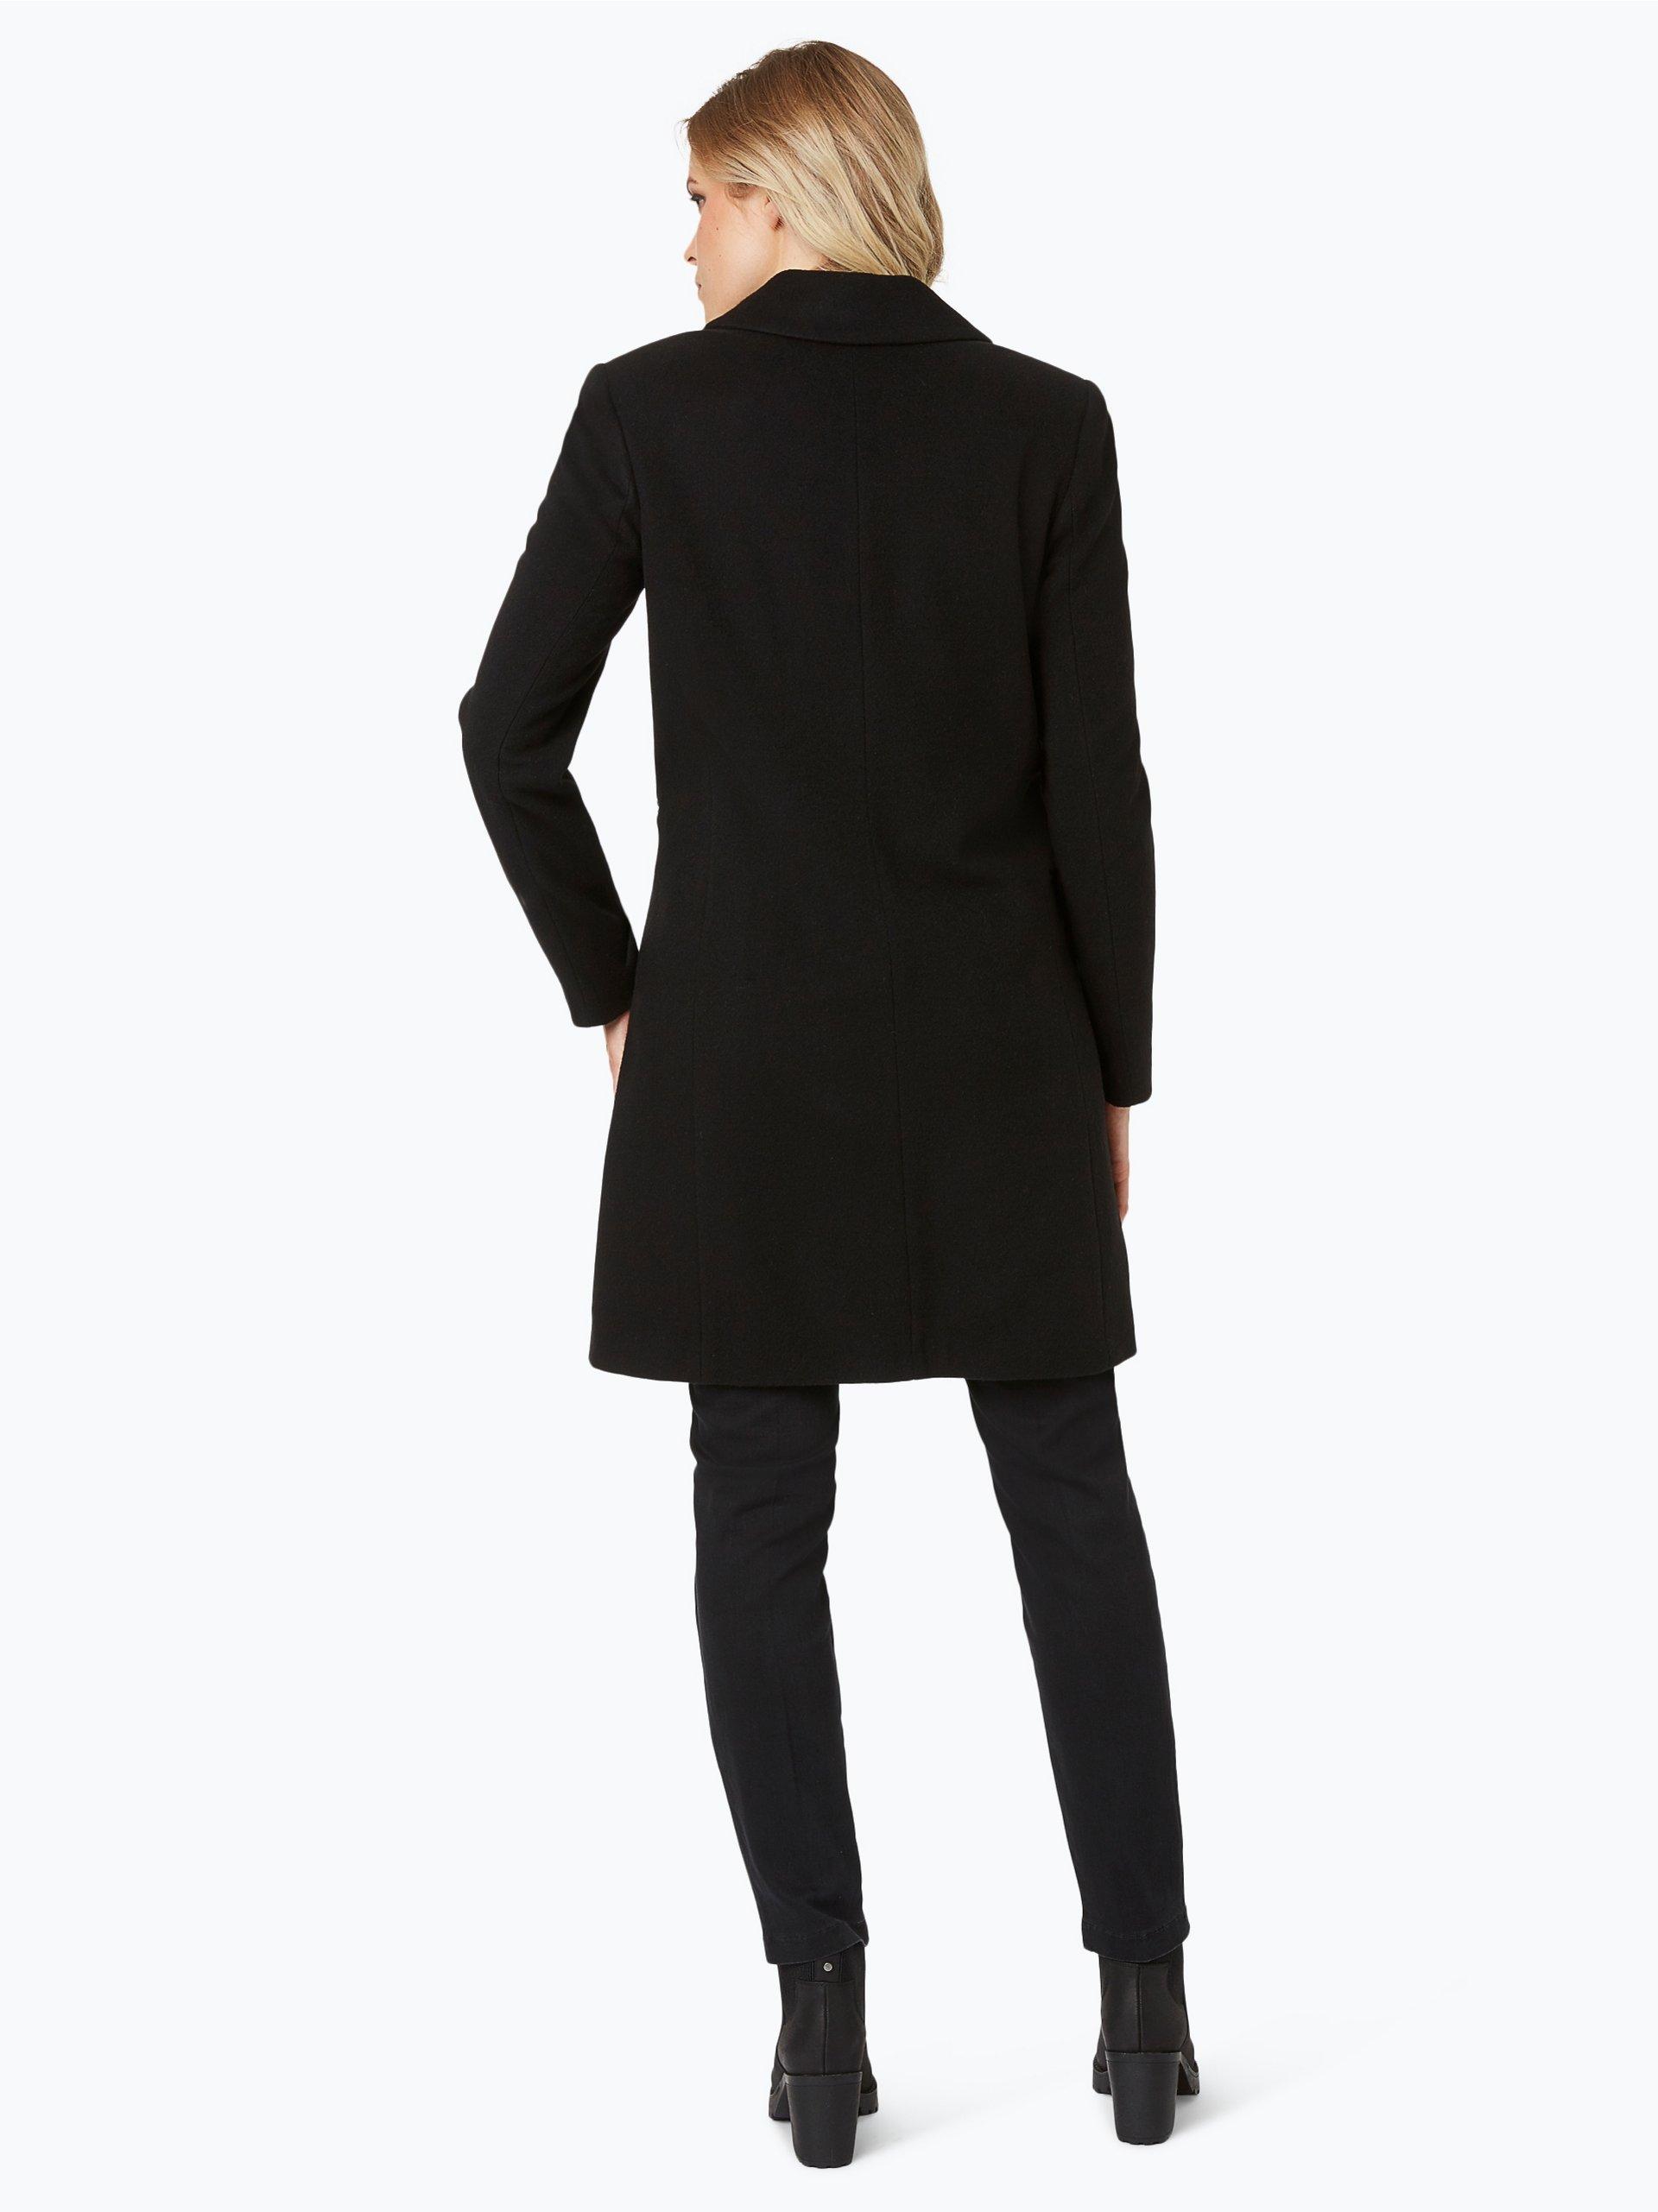 marie lund damen mantel mit cashmere anteil schwarz uni online kaufen peek und cloppenburg de. Black Bedroom Furniture Sets. Home Design Ideas